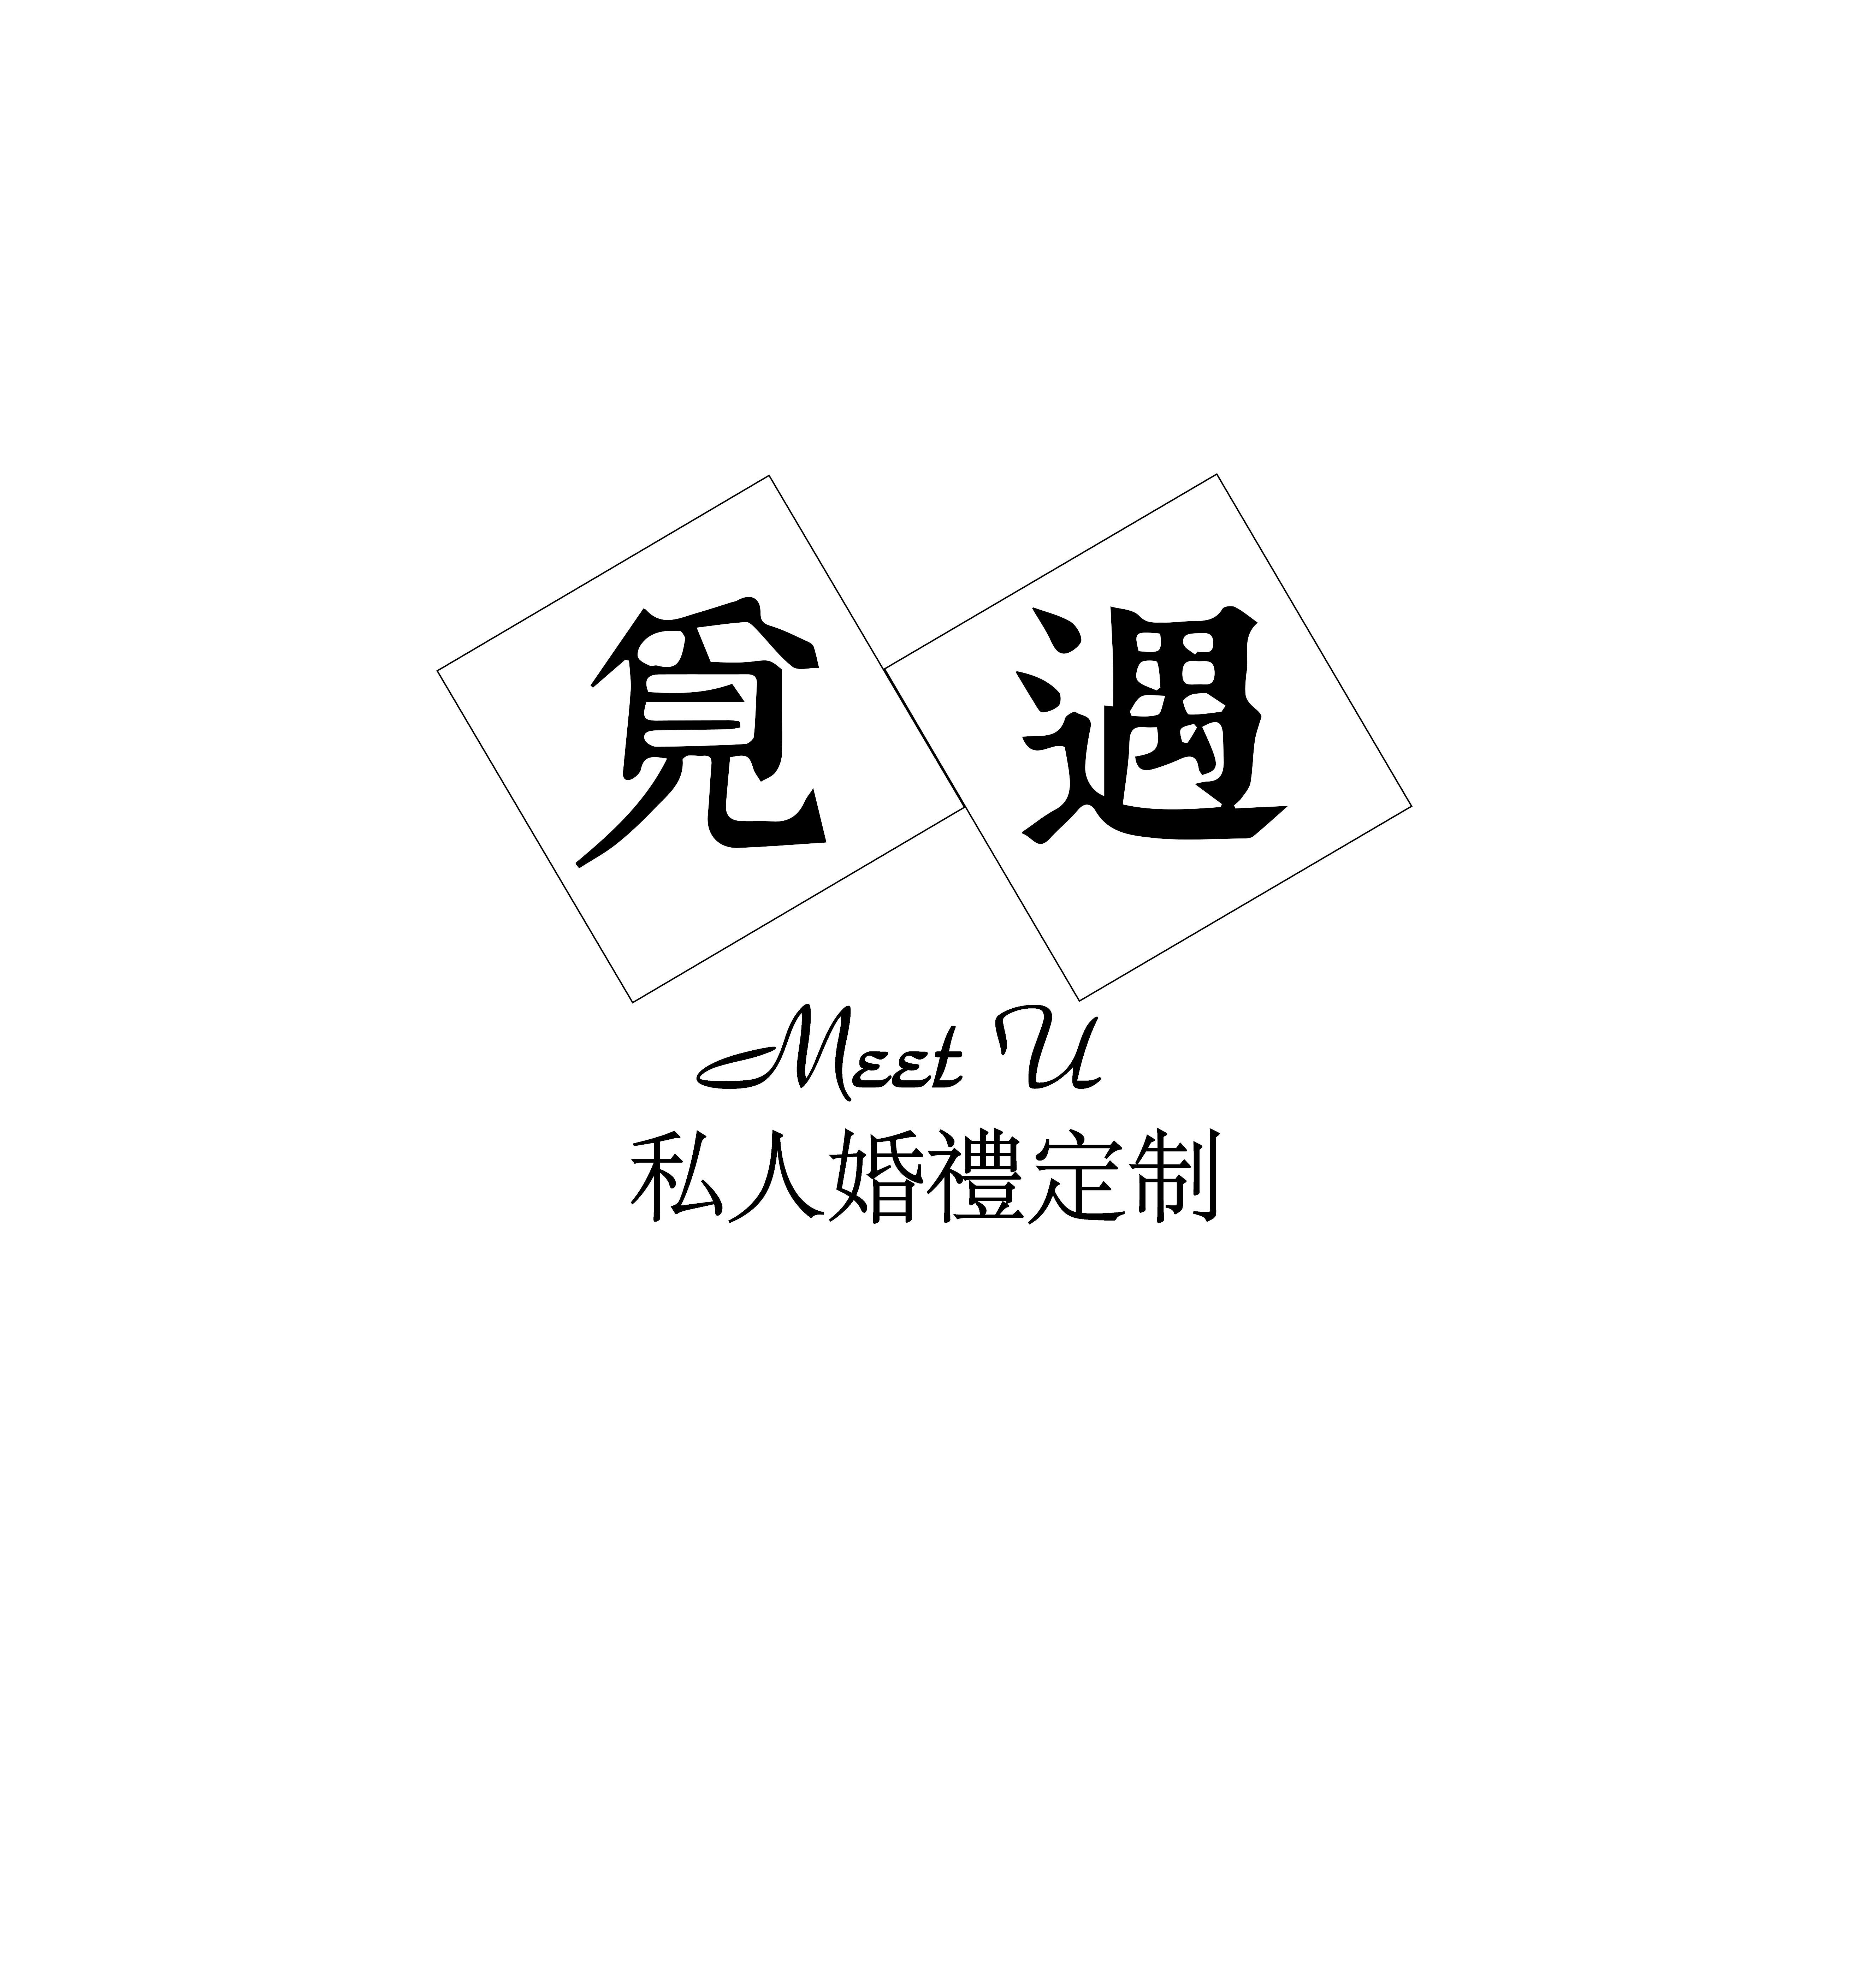 觅遇Meet U私人婚礼定制